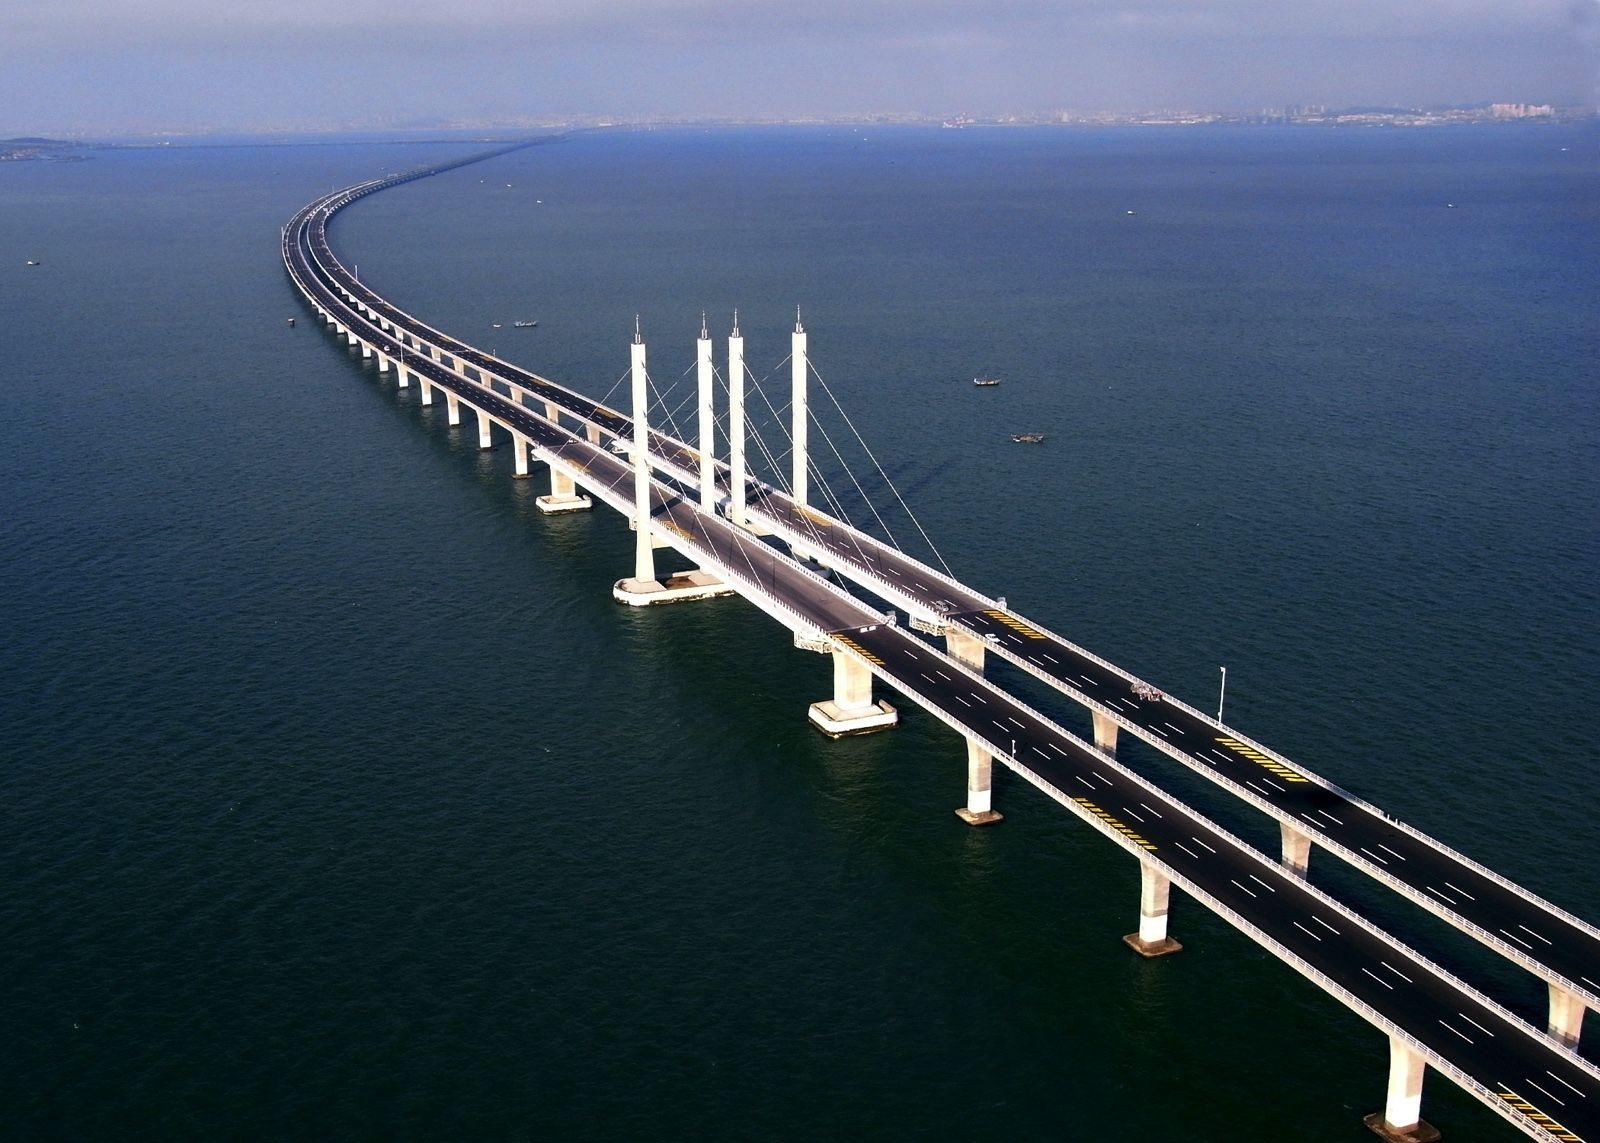 В Китае построили самый длинный мост в мире, и вот, как выглядит это чудо архитектуры - фото 371744